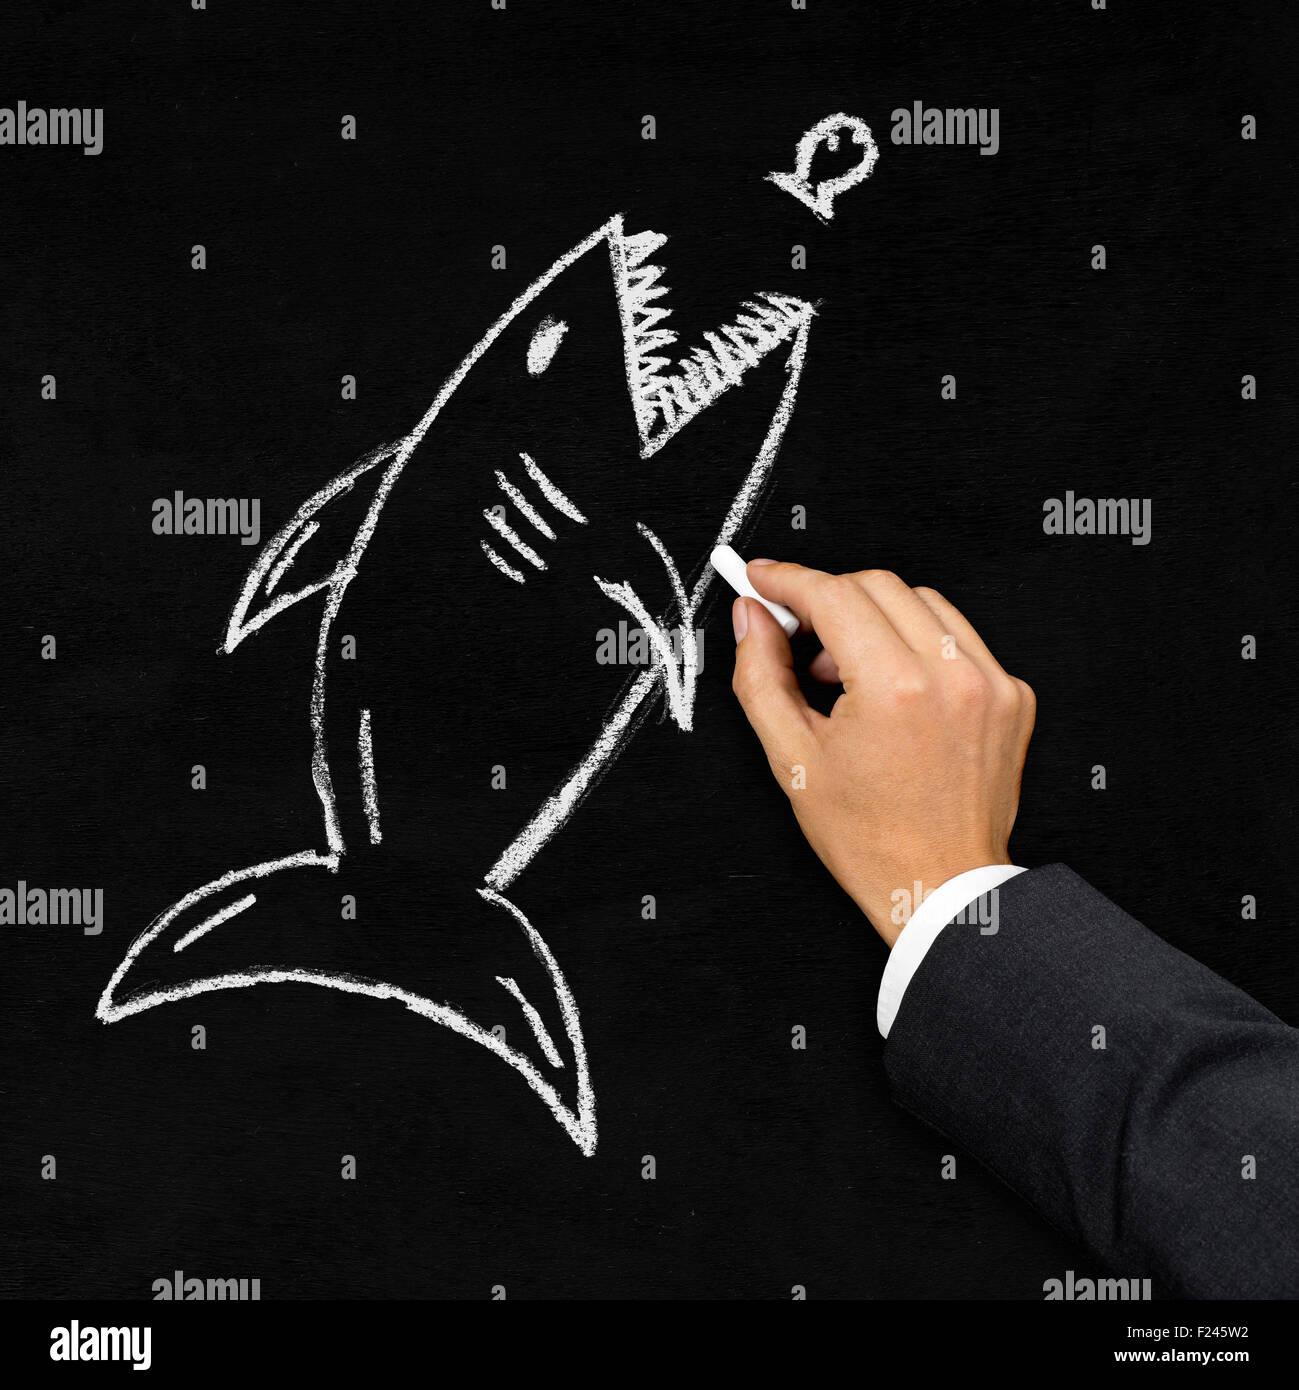 Imprenditore squalo di disegno Caccia piccoli pesci con un gessetto sulla lavagna - acquisizione, sfida o il concetto Foto Stock